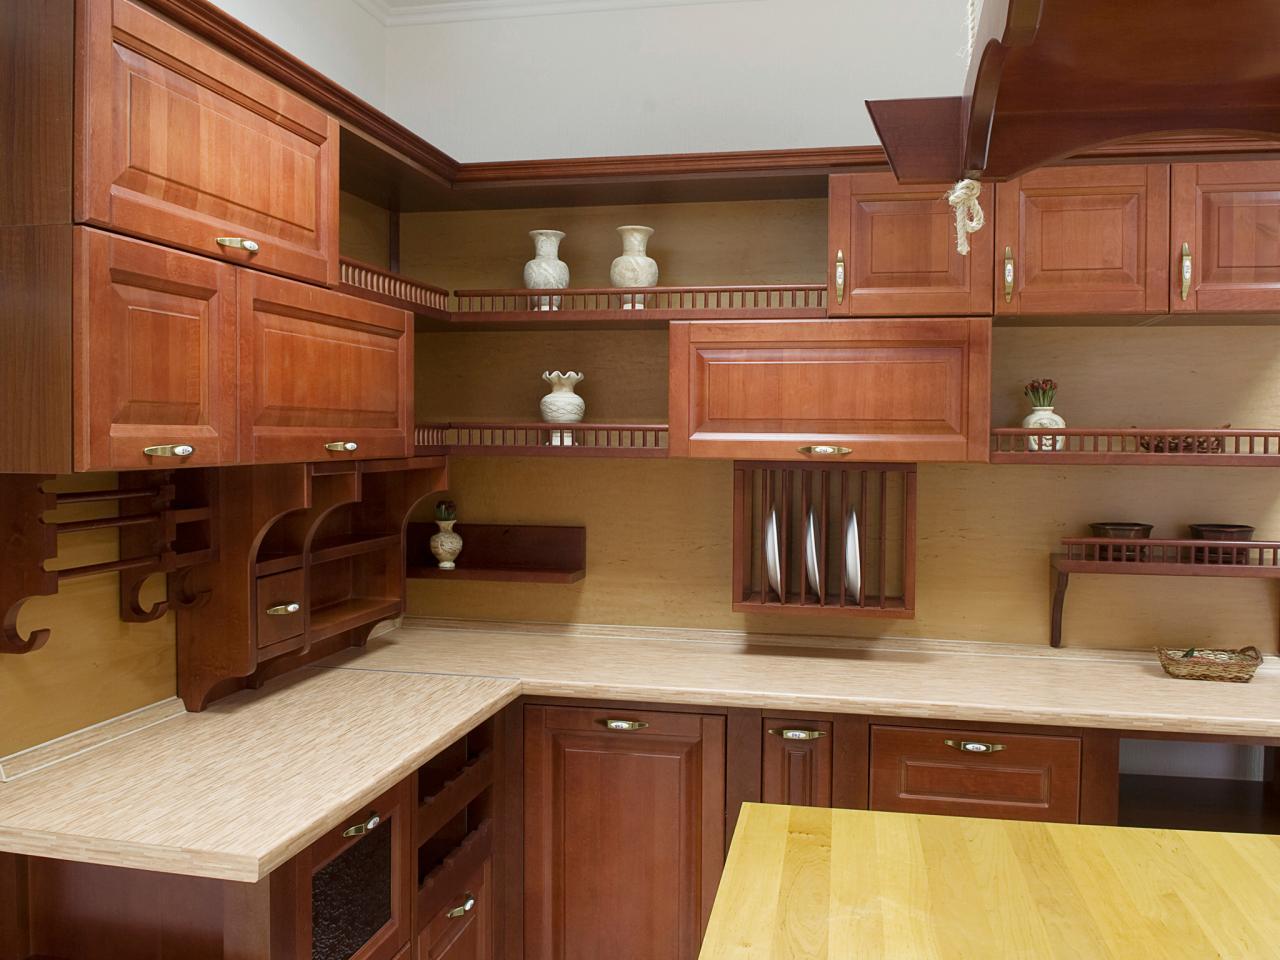 kitchen design ideas cabinets photo - 2